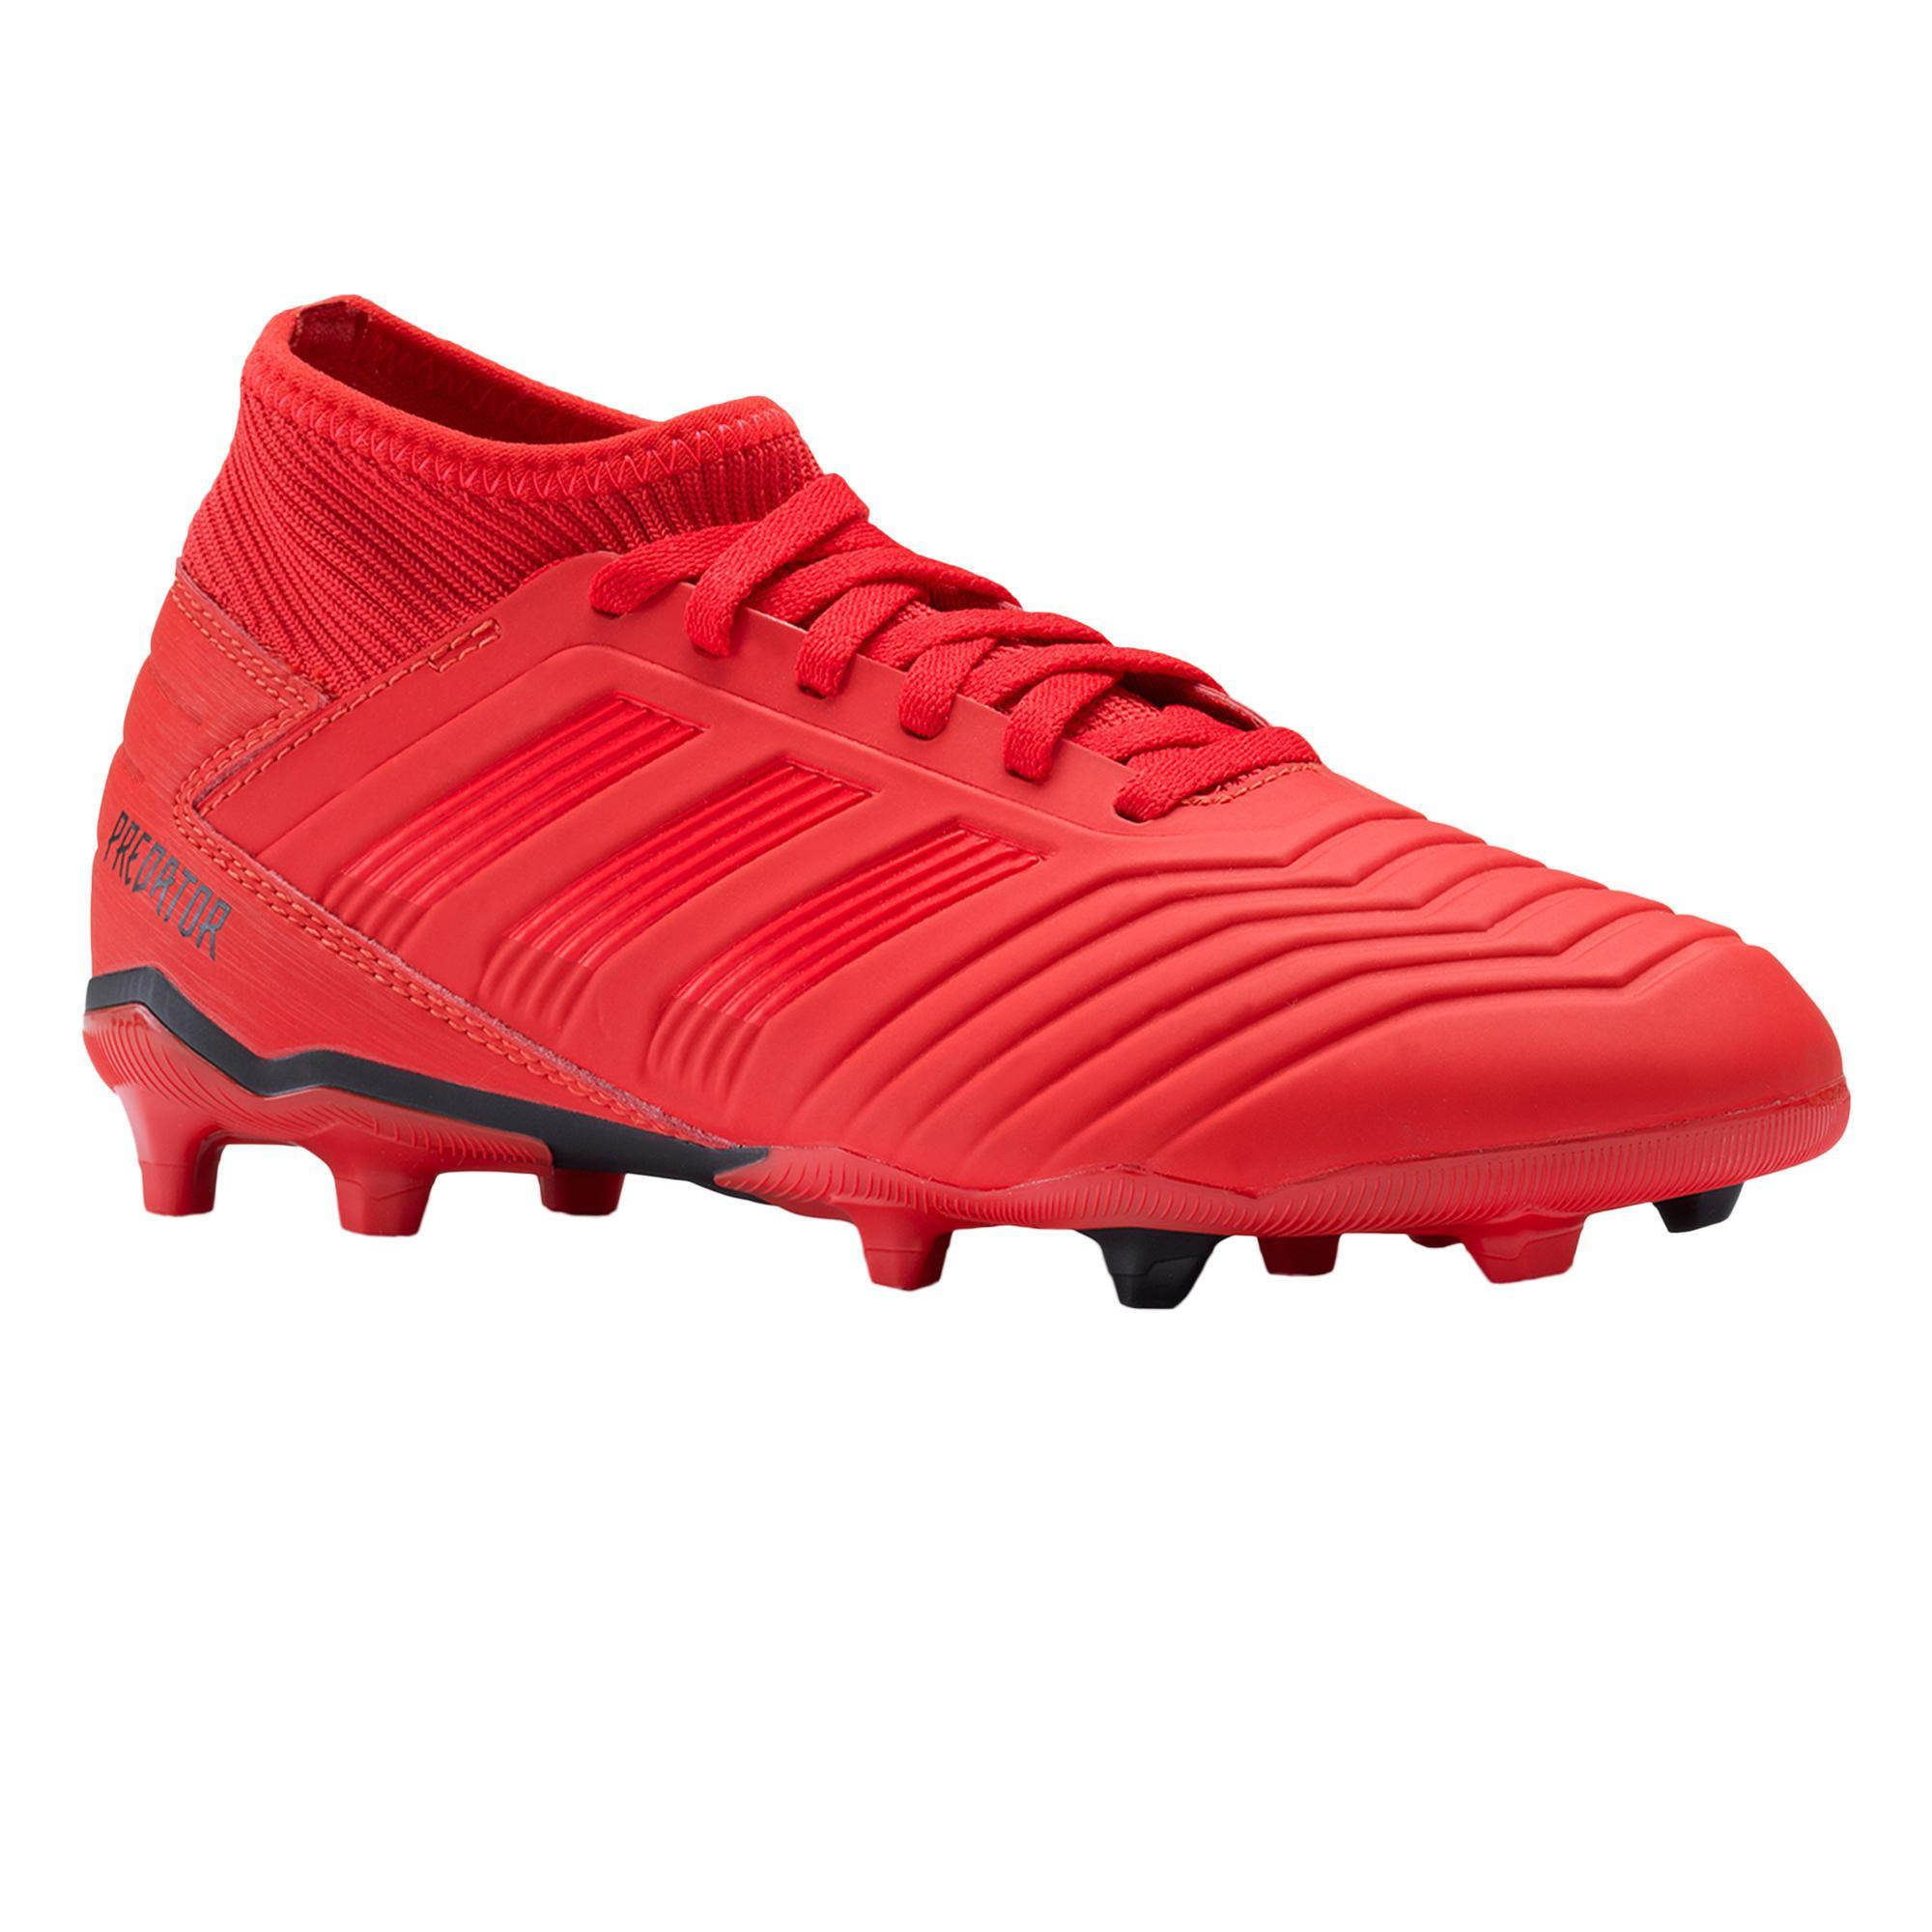 Predator 19.3 FG J voetbalschoenen rood